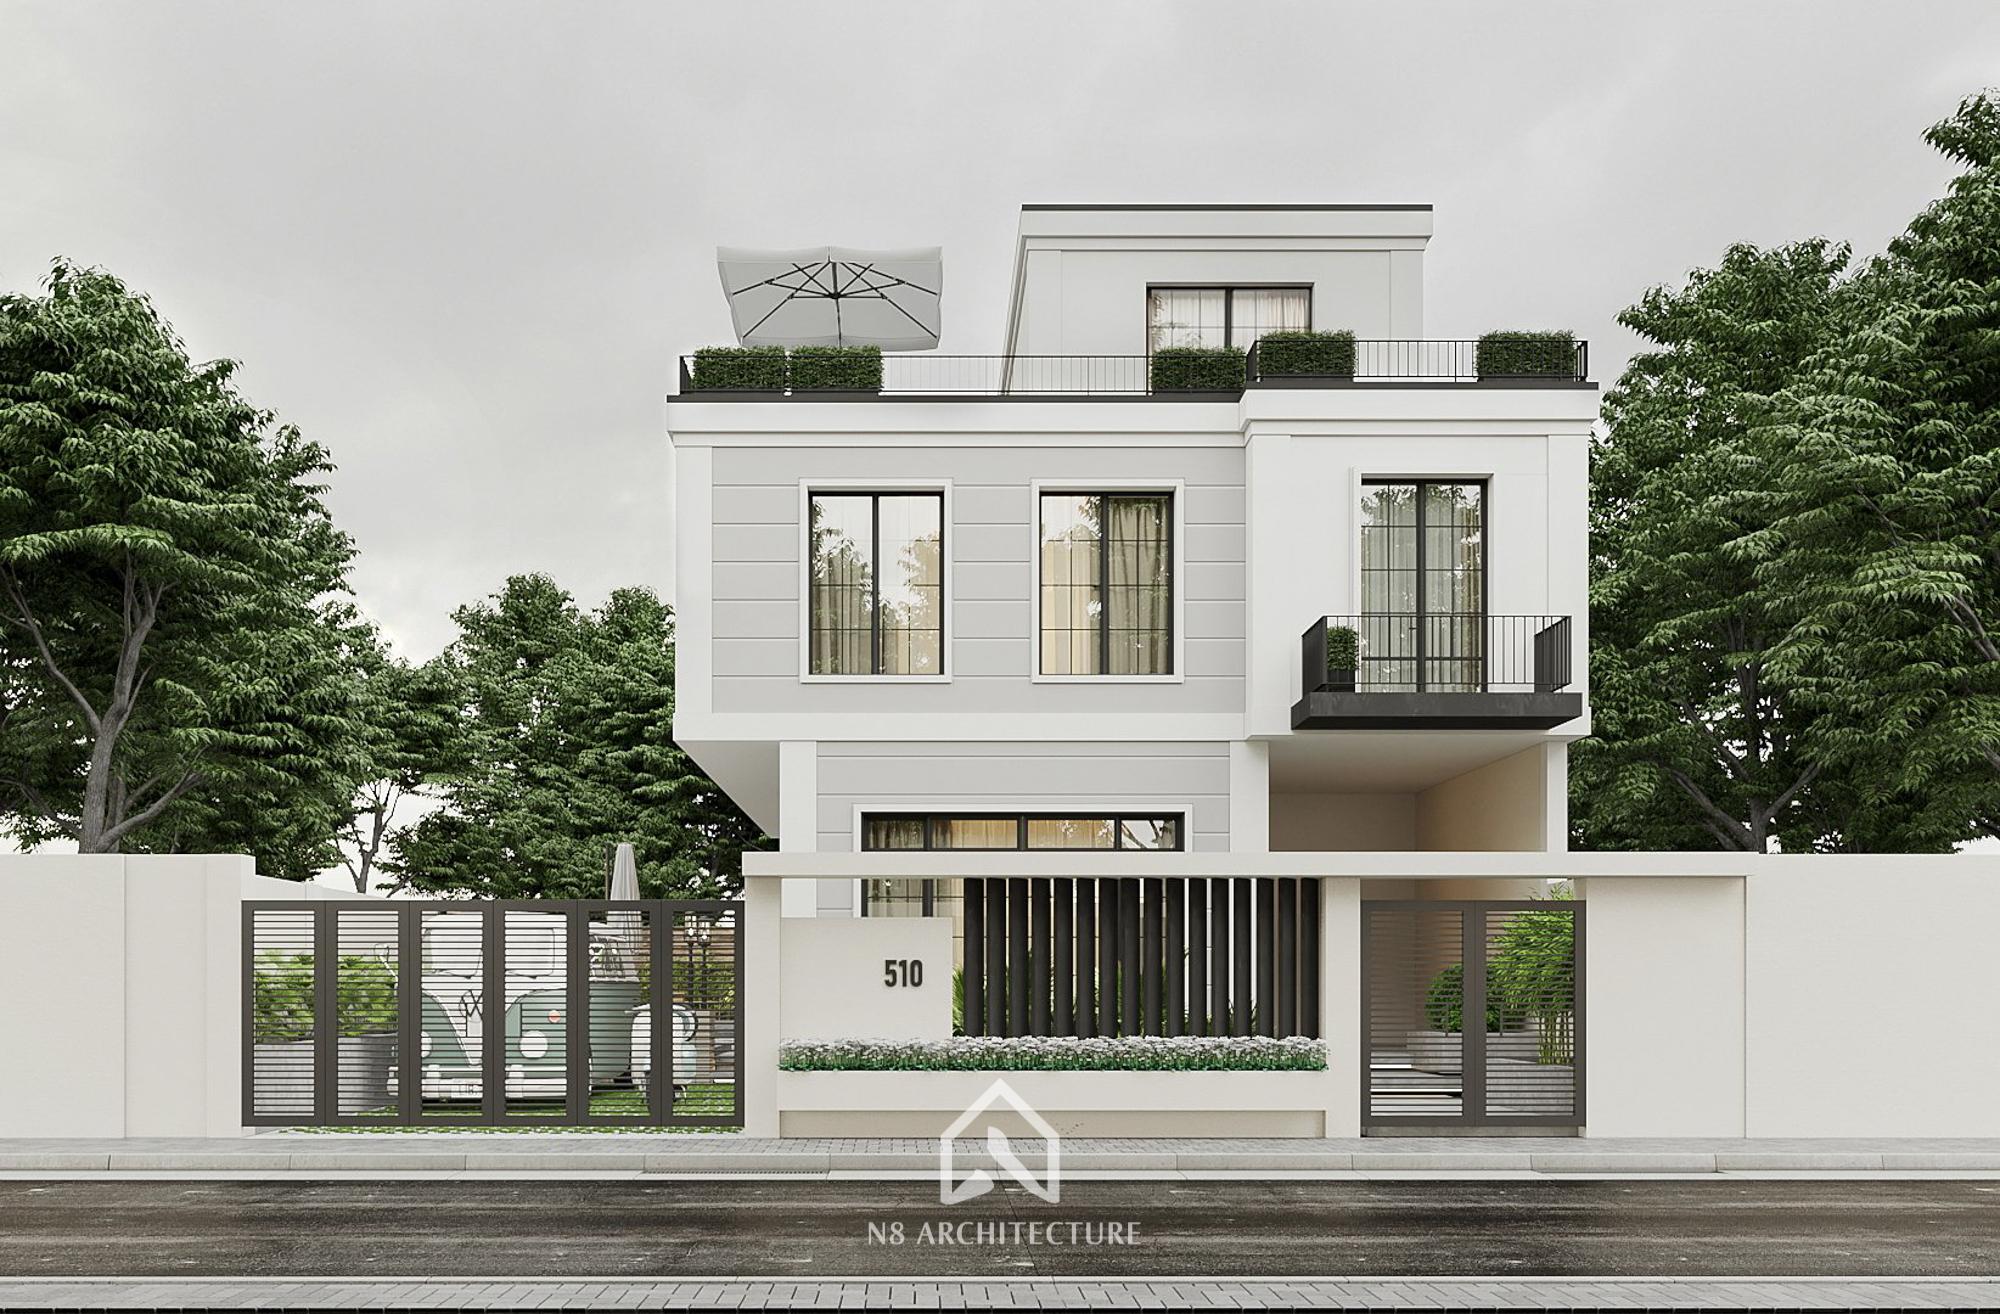 thiết kế kiến trúc biệt thự 2 tầng 1 tum hiện đại 4